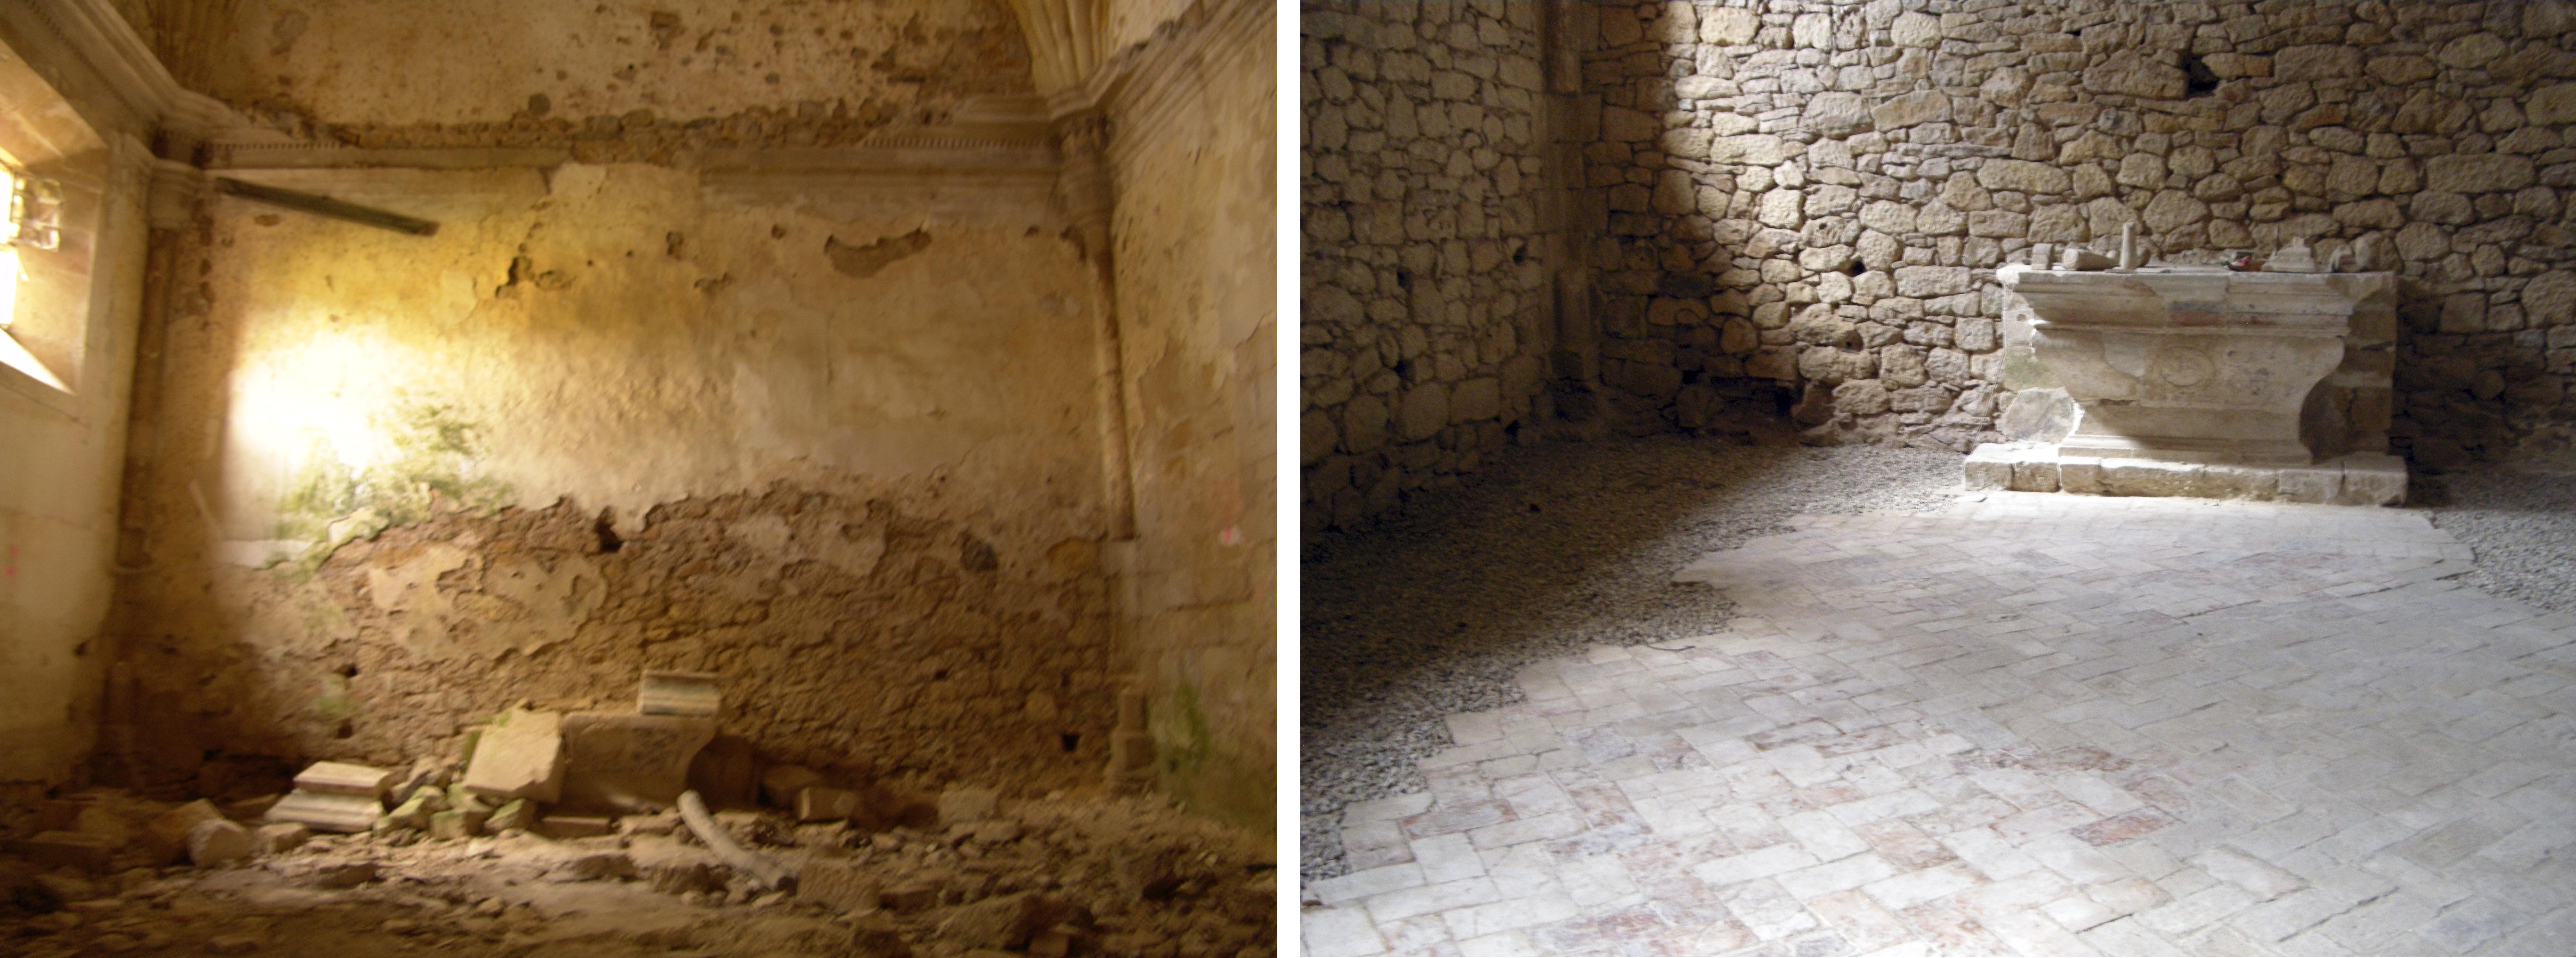 Sala capitular antes y despues